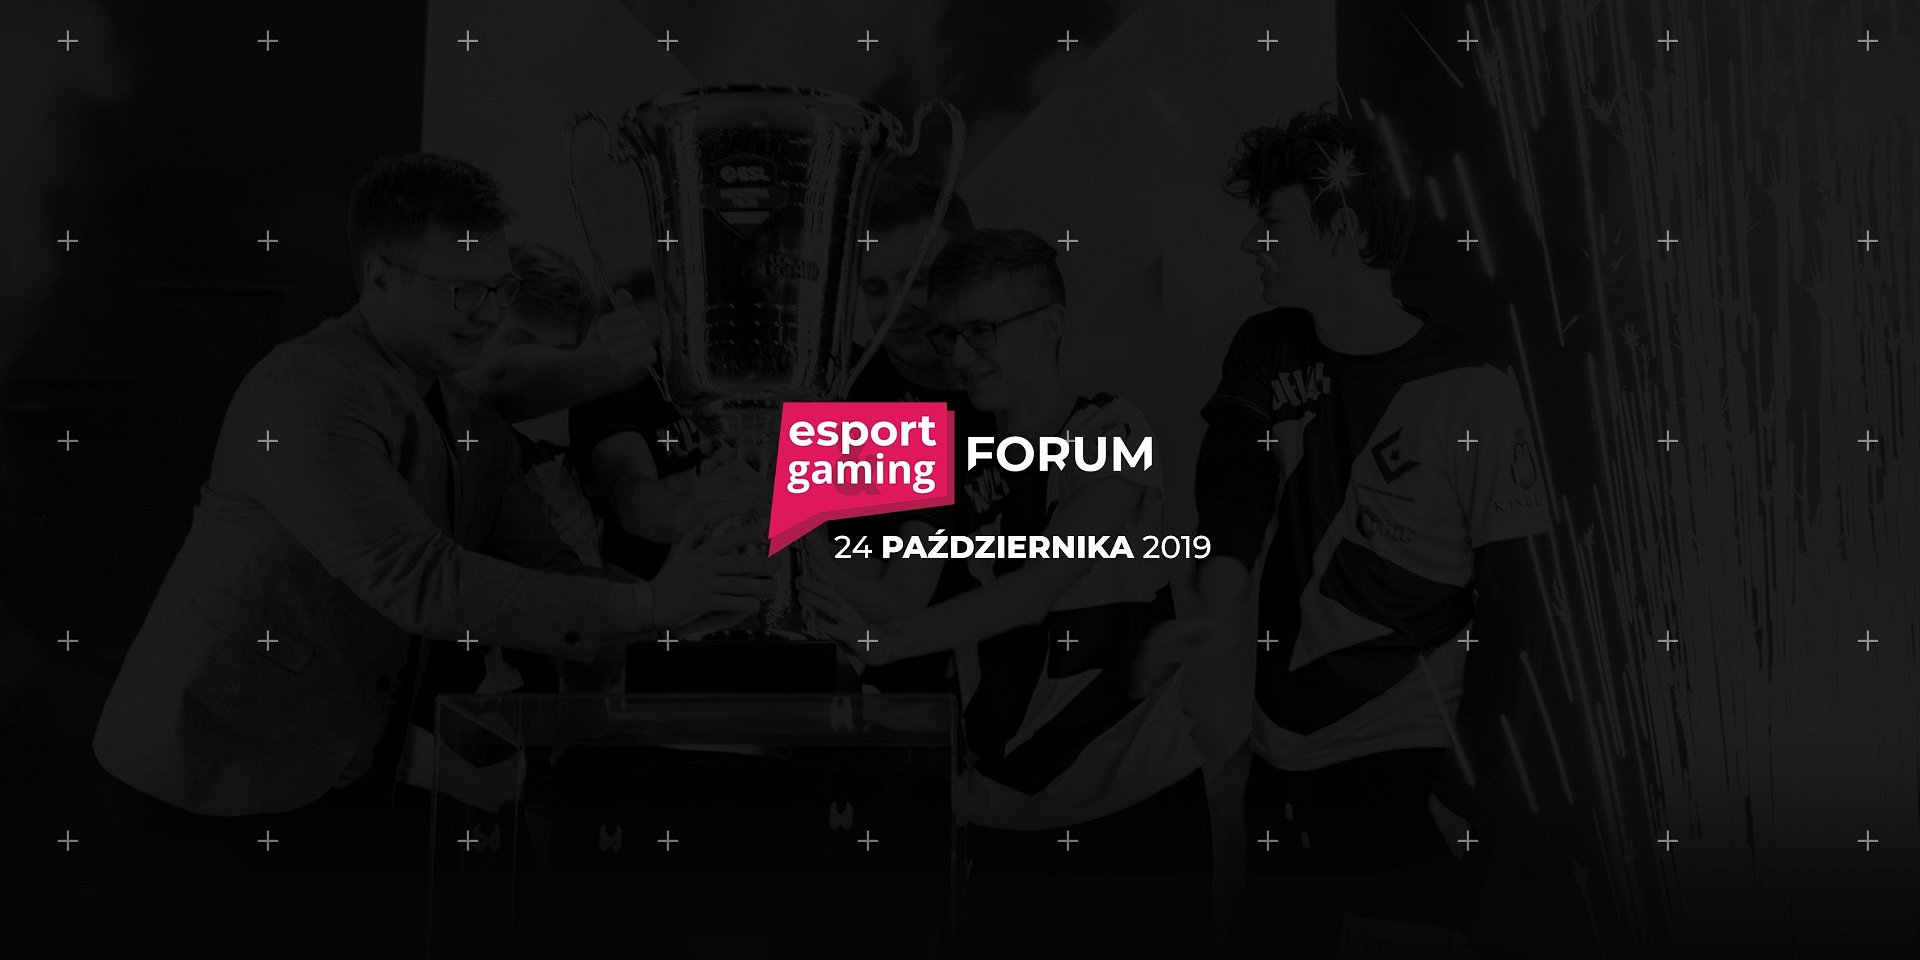 Esport & Gaming Forum, czyli największa w Polsce konferencja poświęcona cyfrowej rozrywce i sportom elektronicznym - już po raz drugi w Warszawie